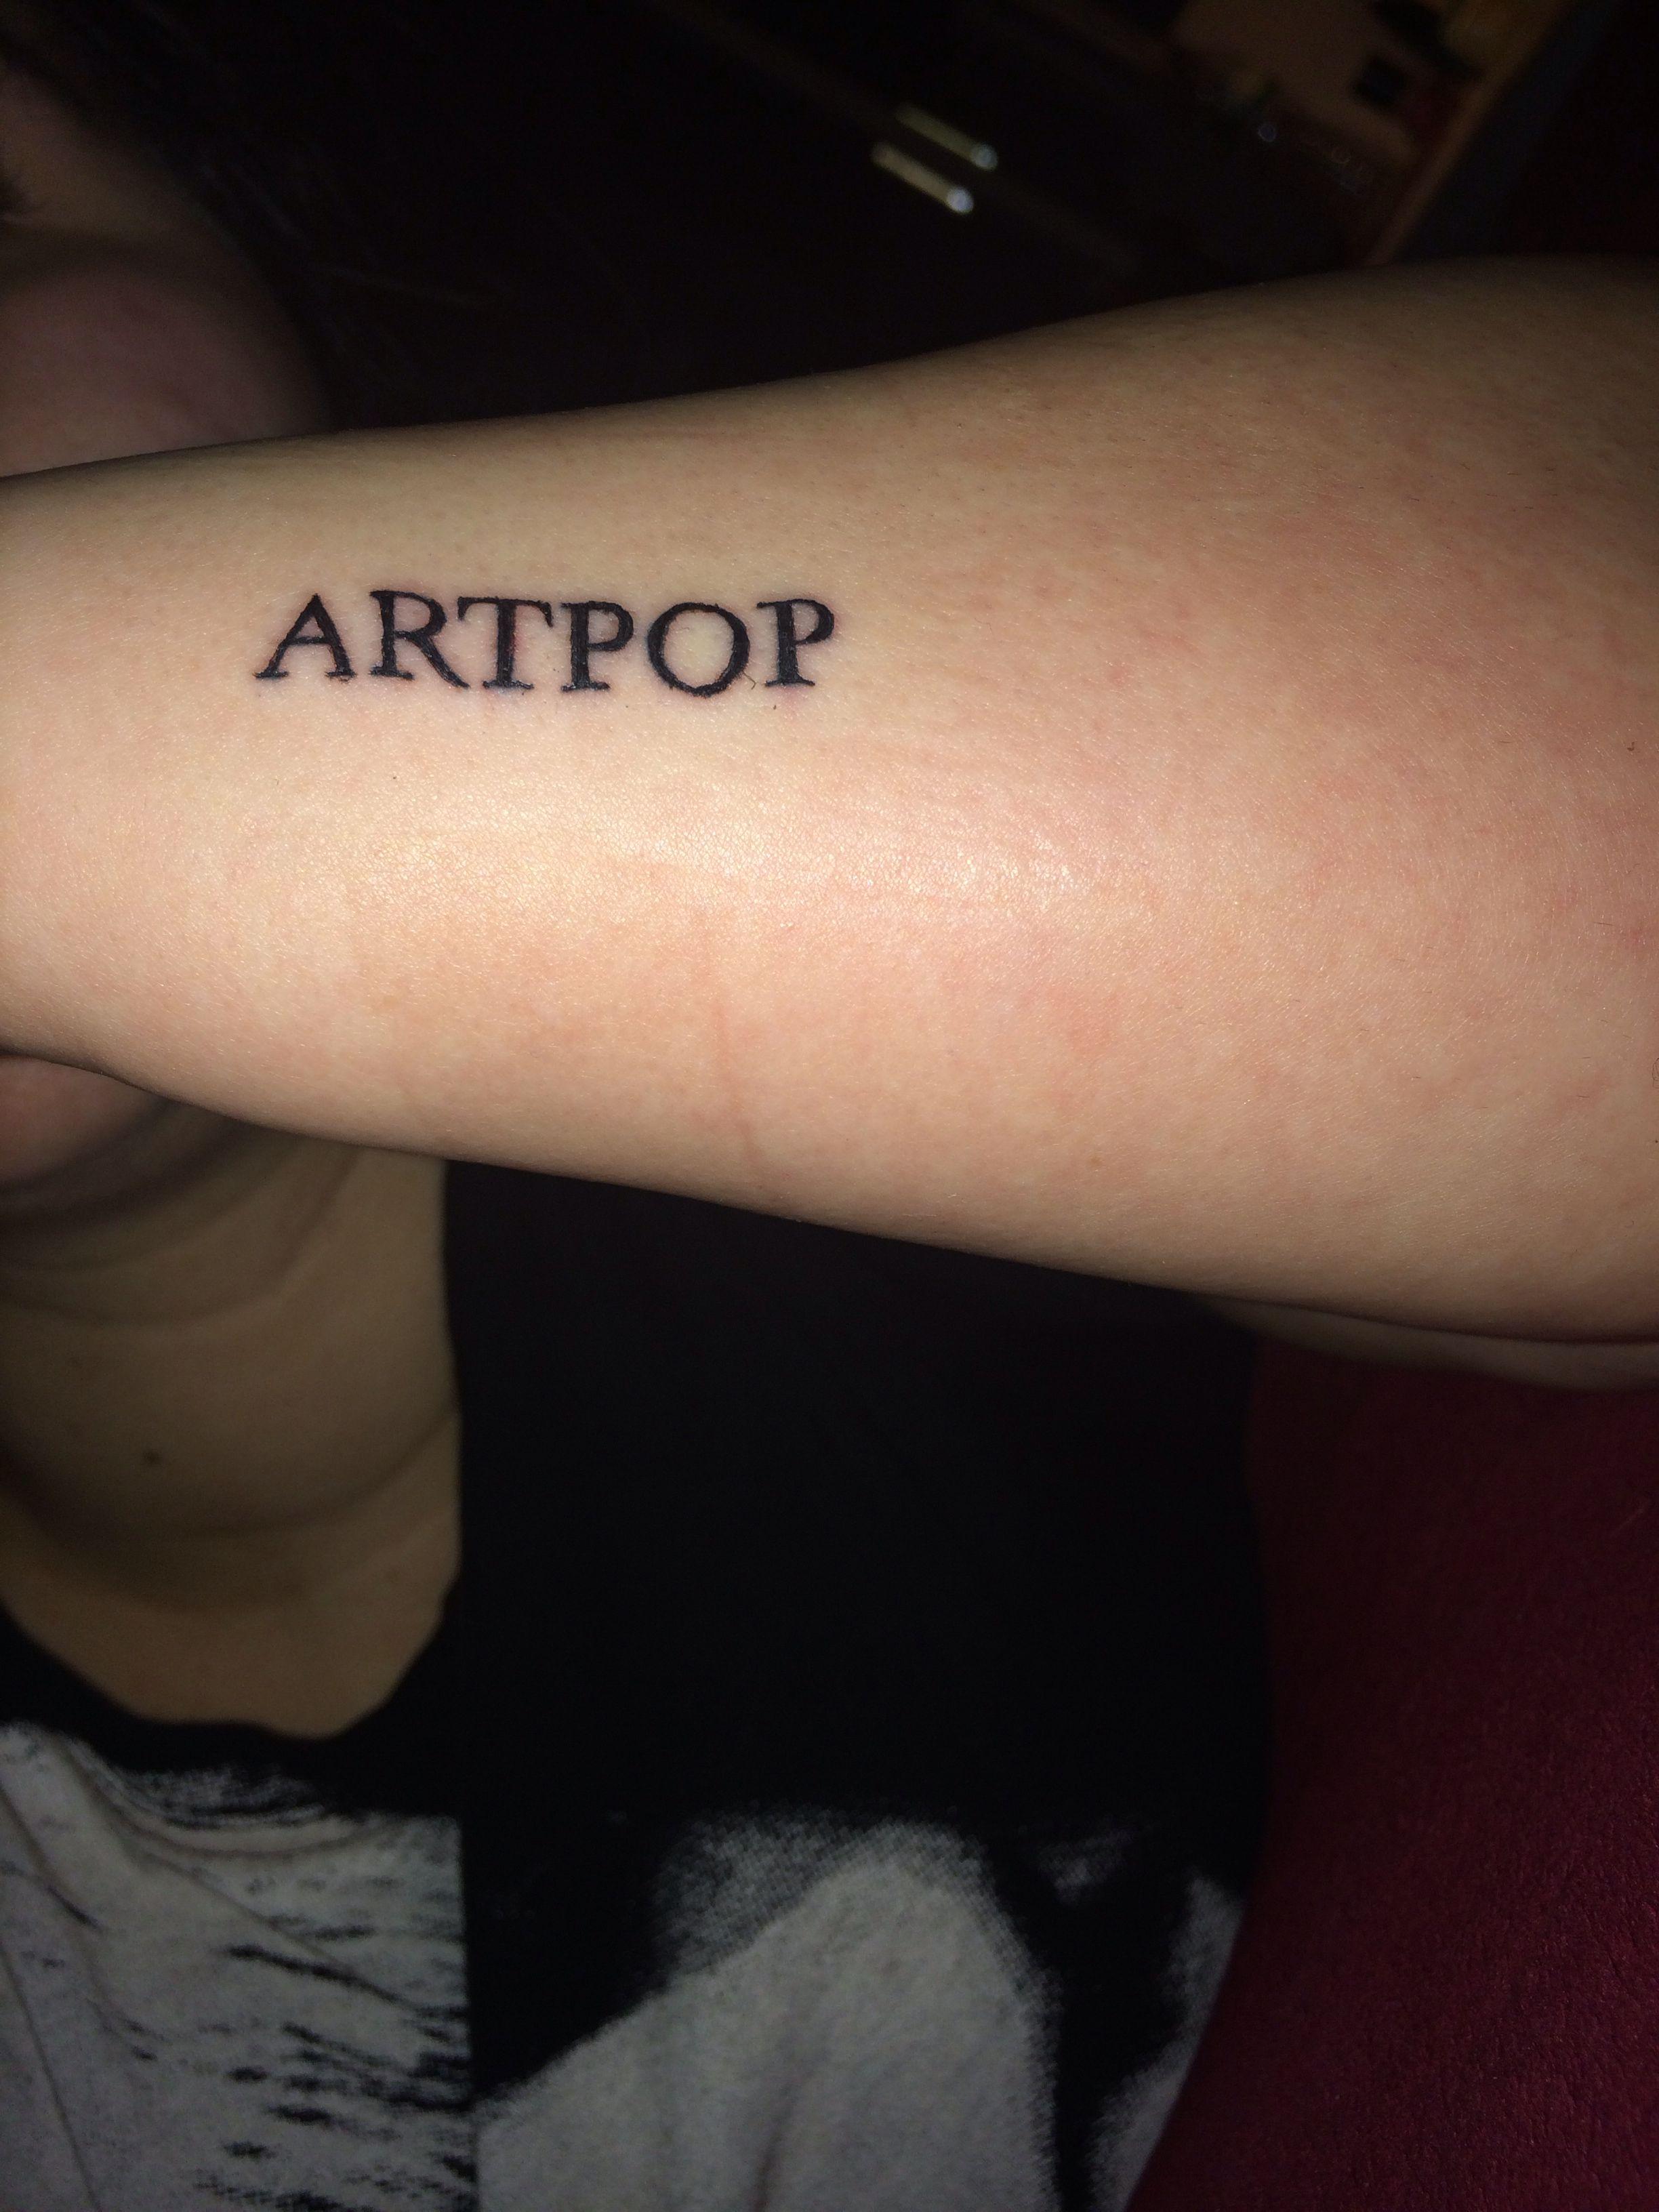 Lady Gaga Artpop Tattoo Tattoo Ideas